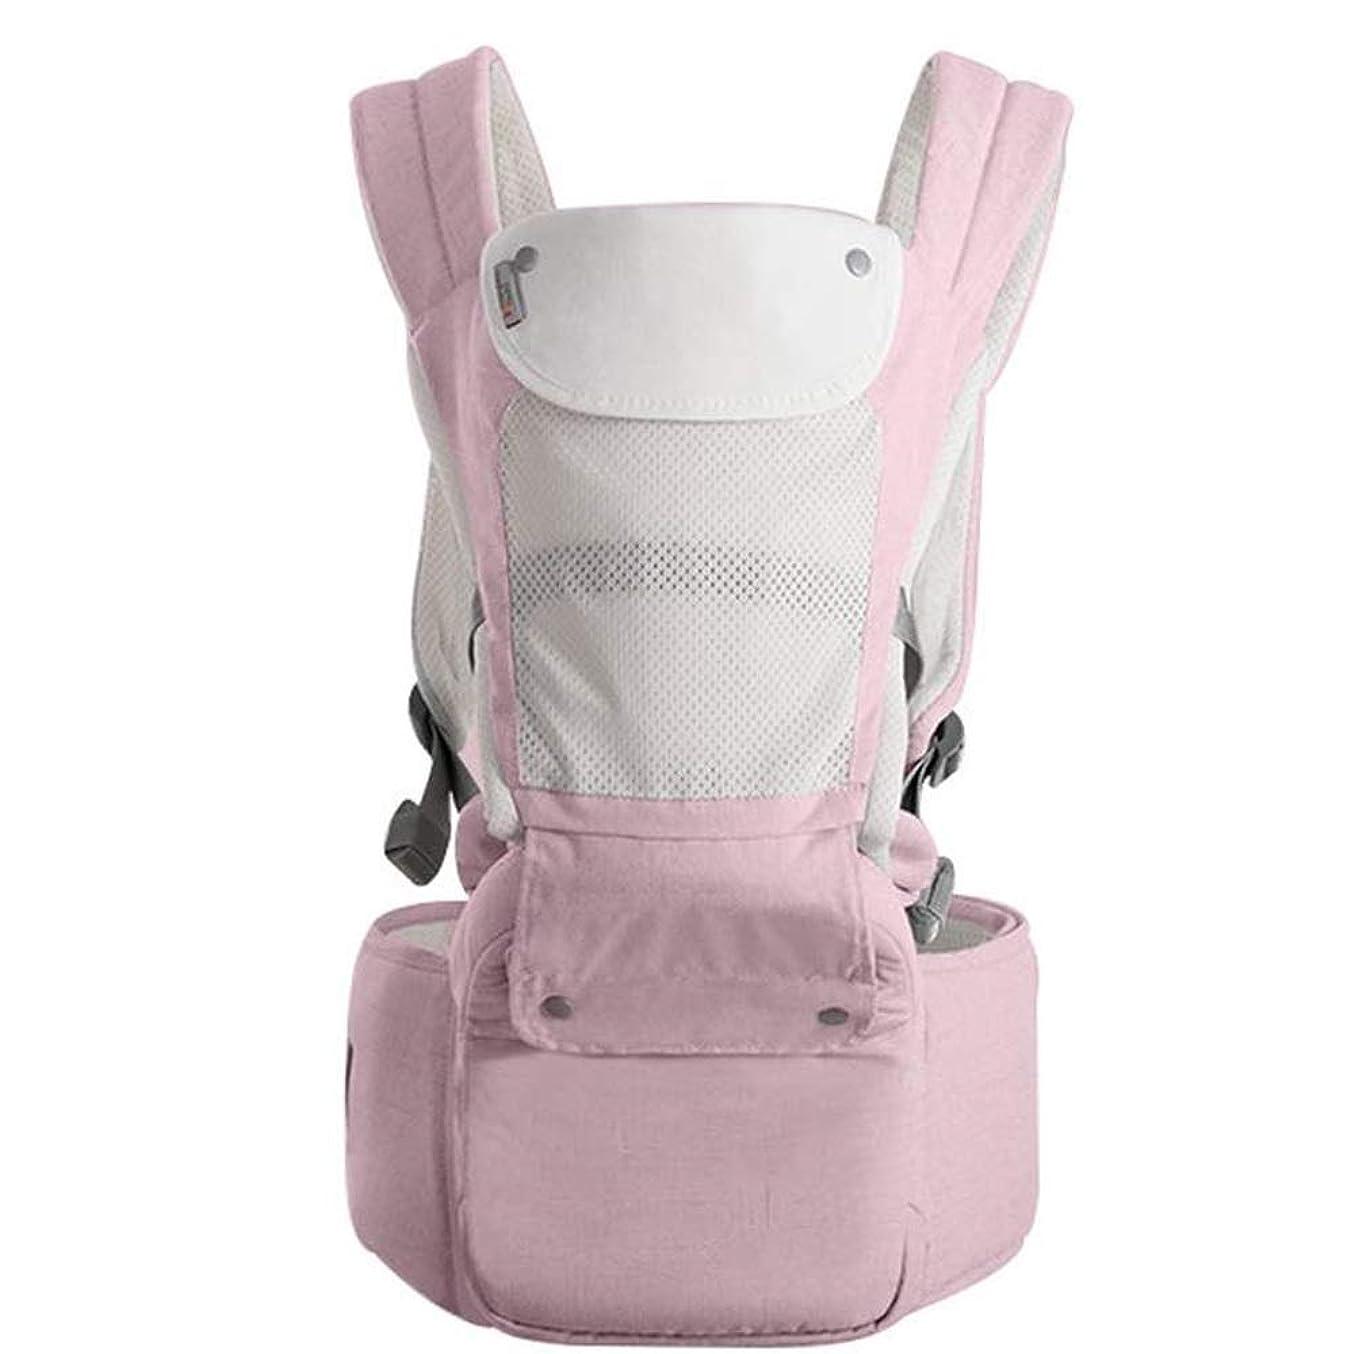 滑り台逸脱区別するJKLL 屋外の旅行のためのベビーキャリアエルゴノミックベビーキャリア3in1の安全幼児ベビーヒップシート